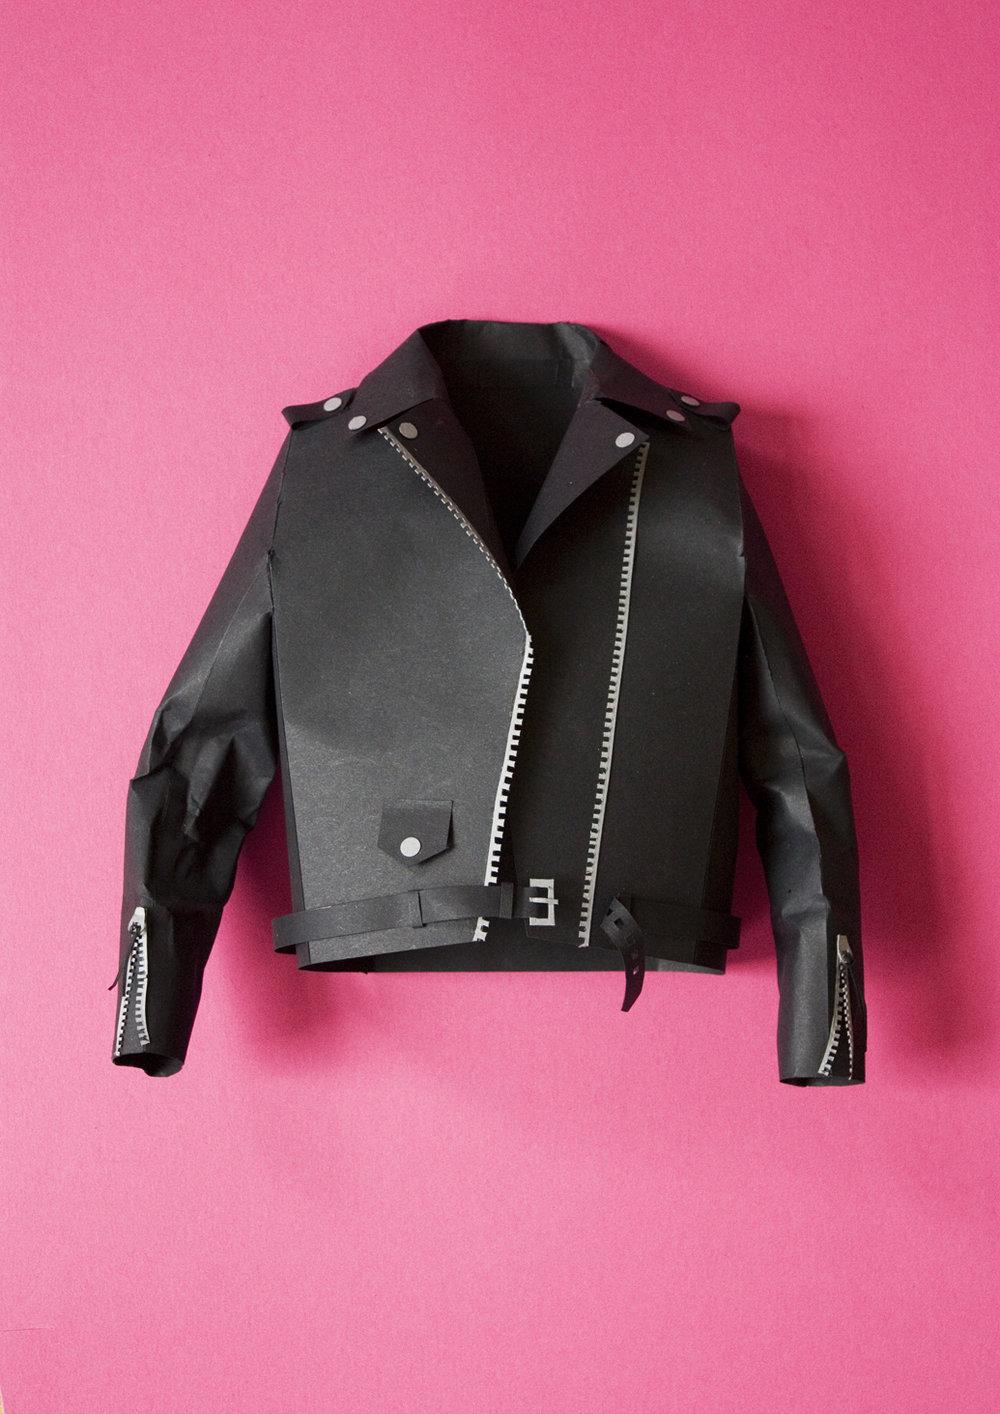 WRK--leatherjacket--web Kopie.jpg